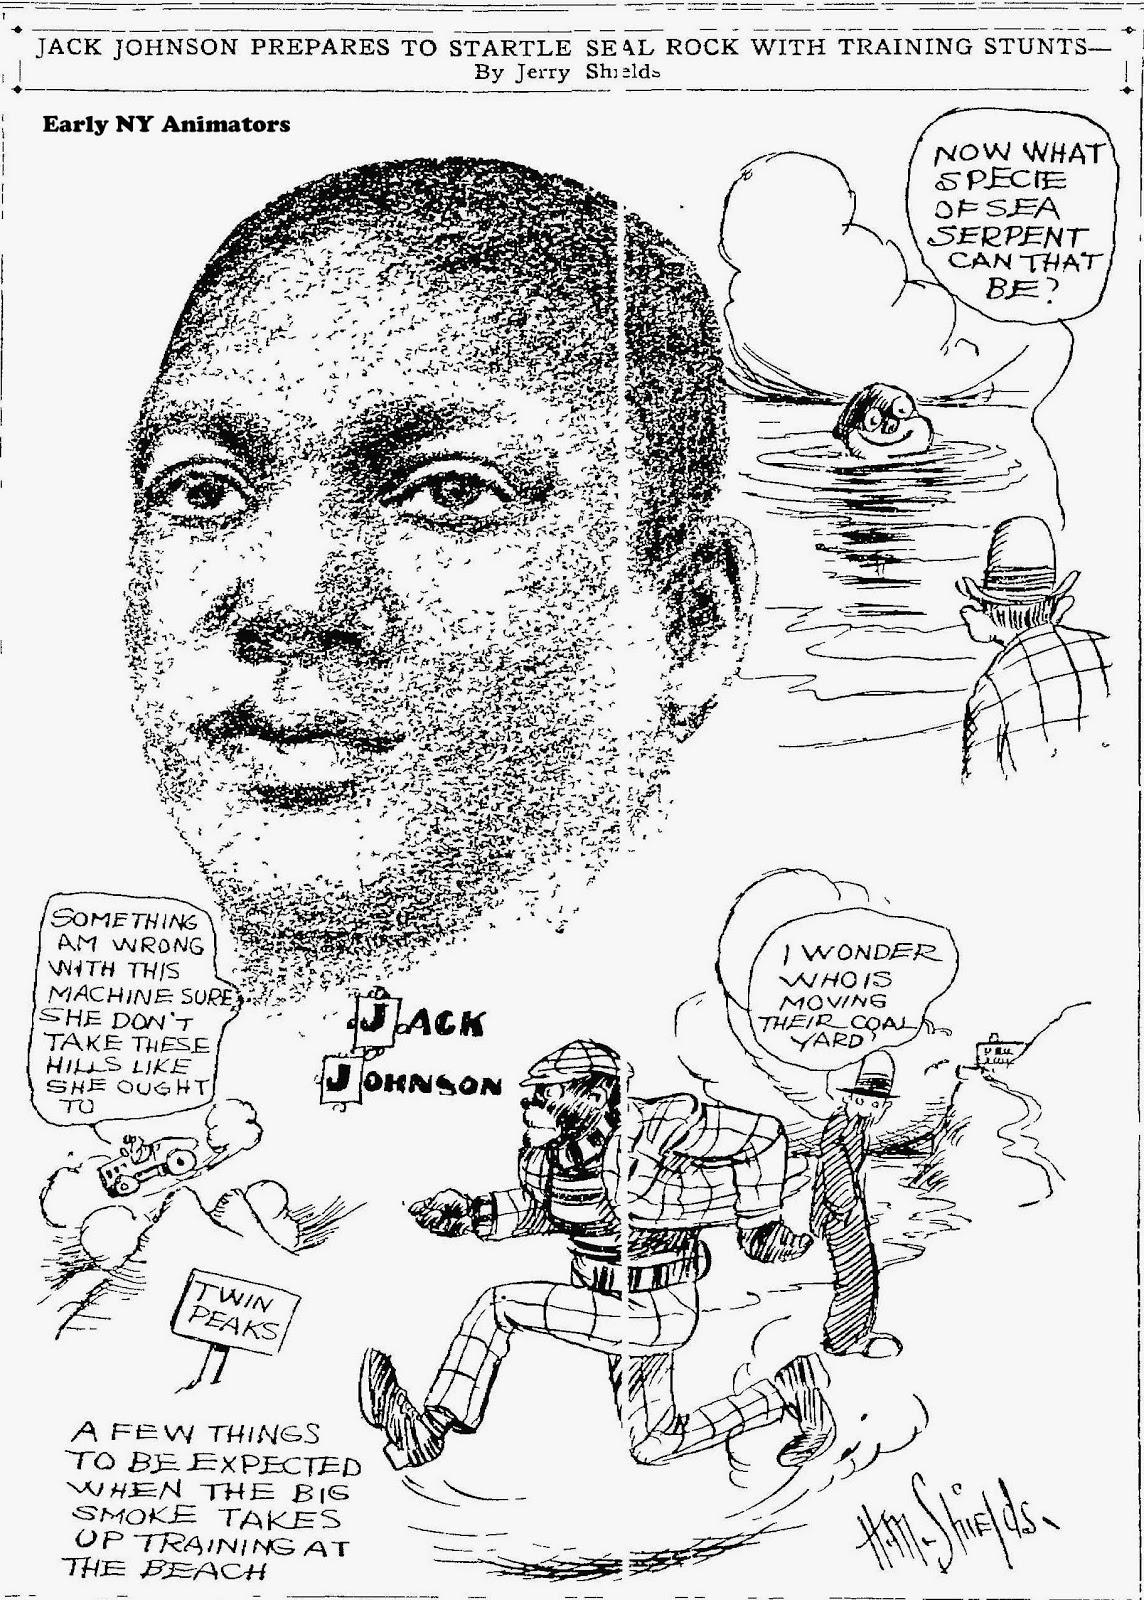 Early NY animators: Print Cartoons by Pioneer Animators